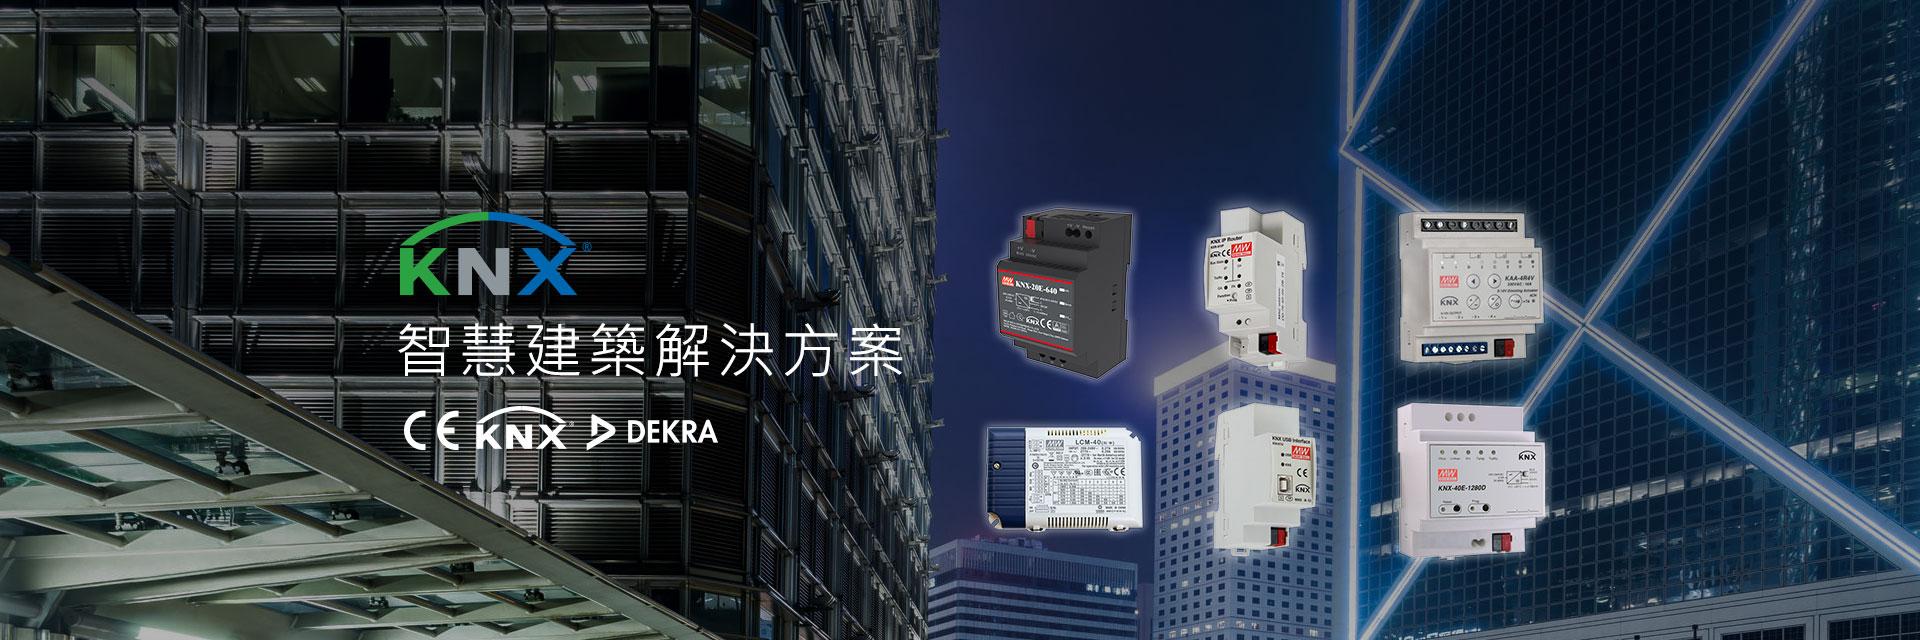 KNX智慧建築電源解決方案